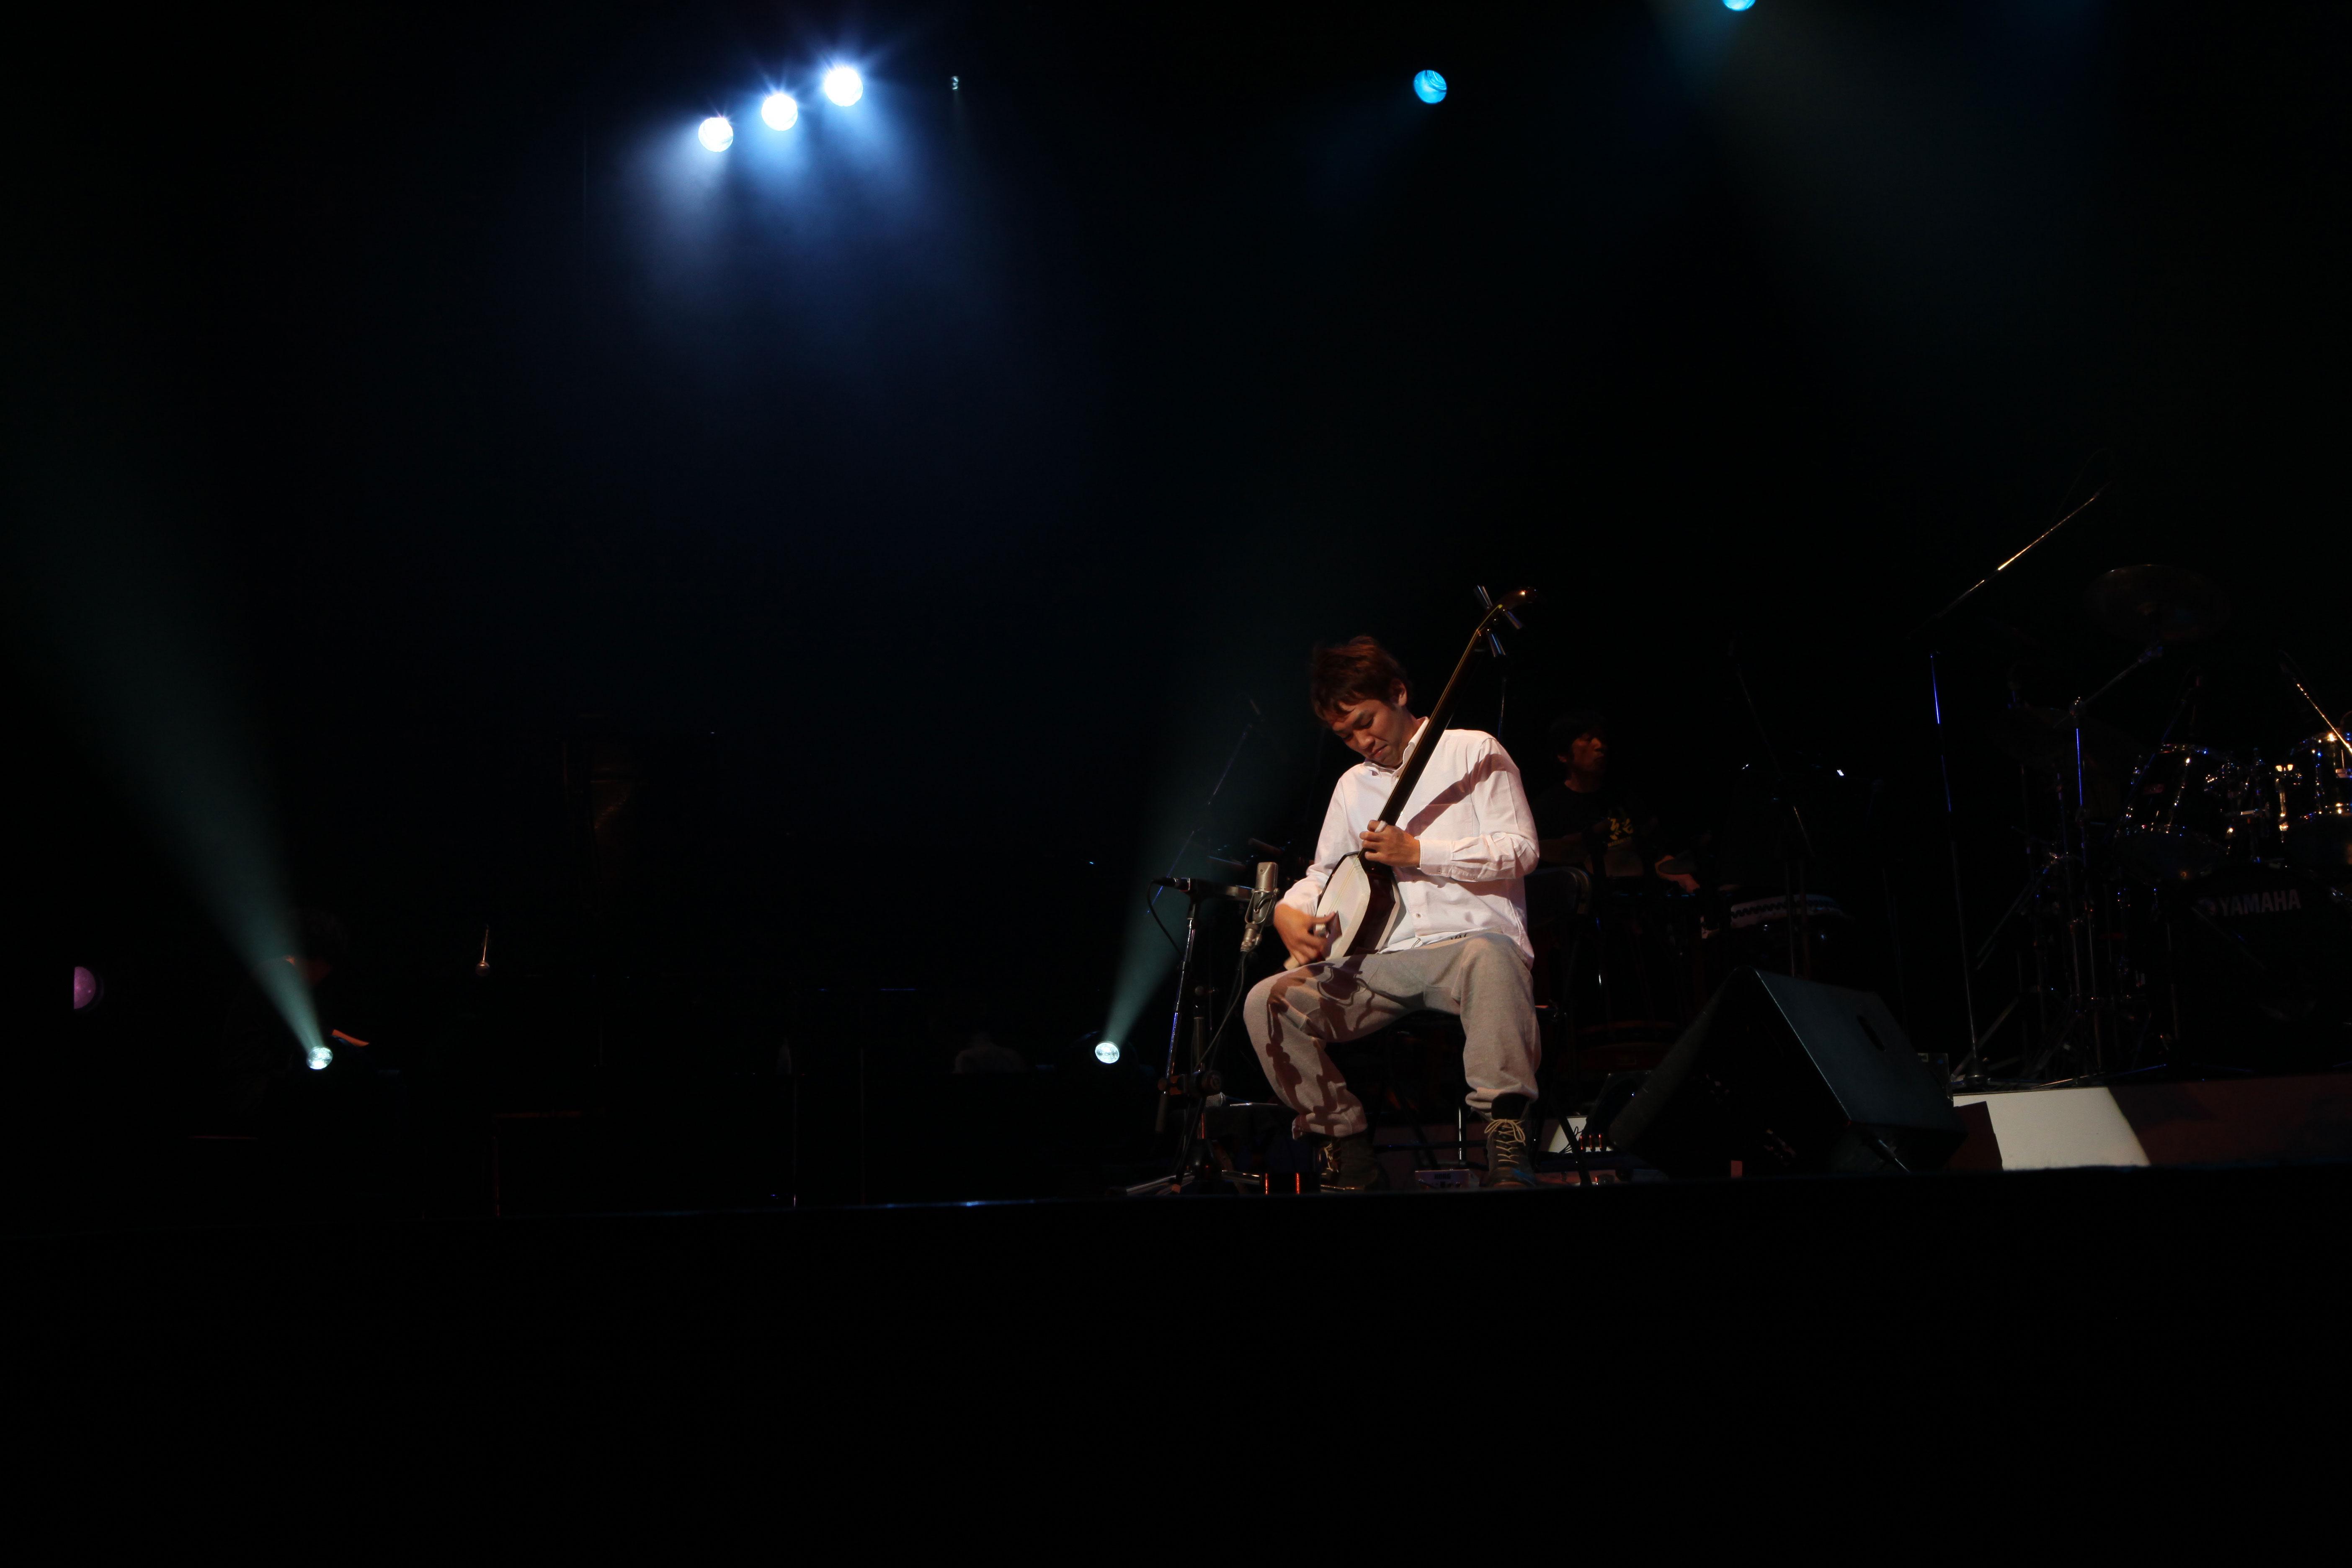 津軽三味線_永村幸治_2012_concert_2